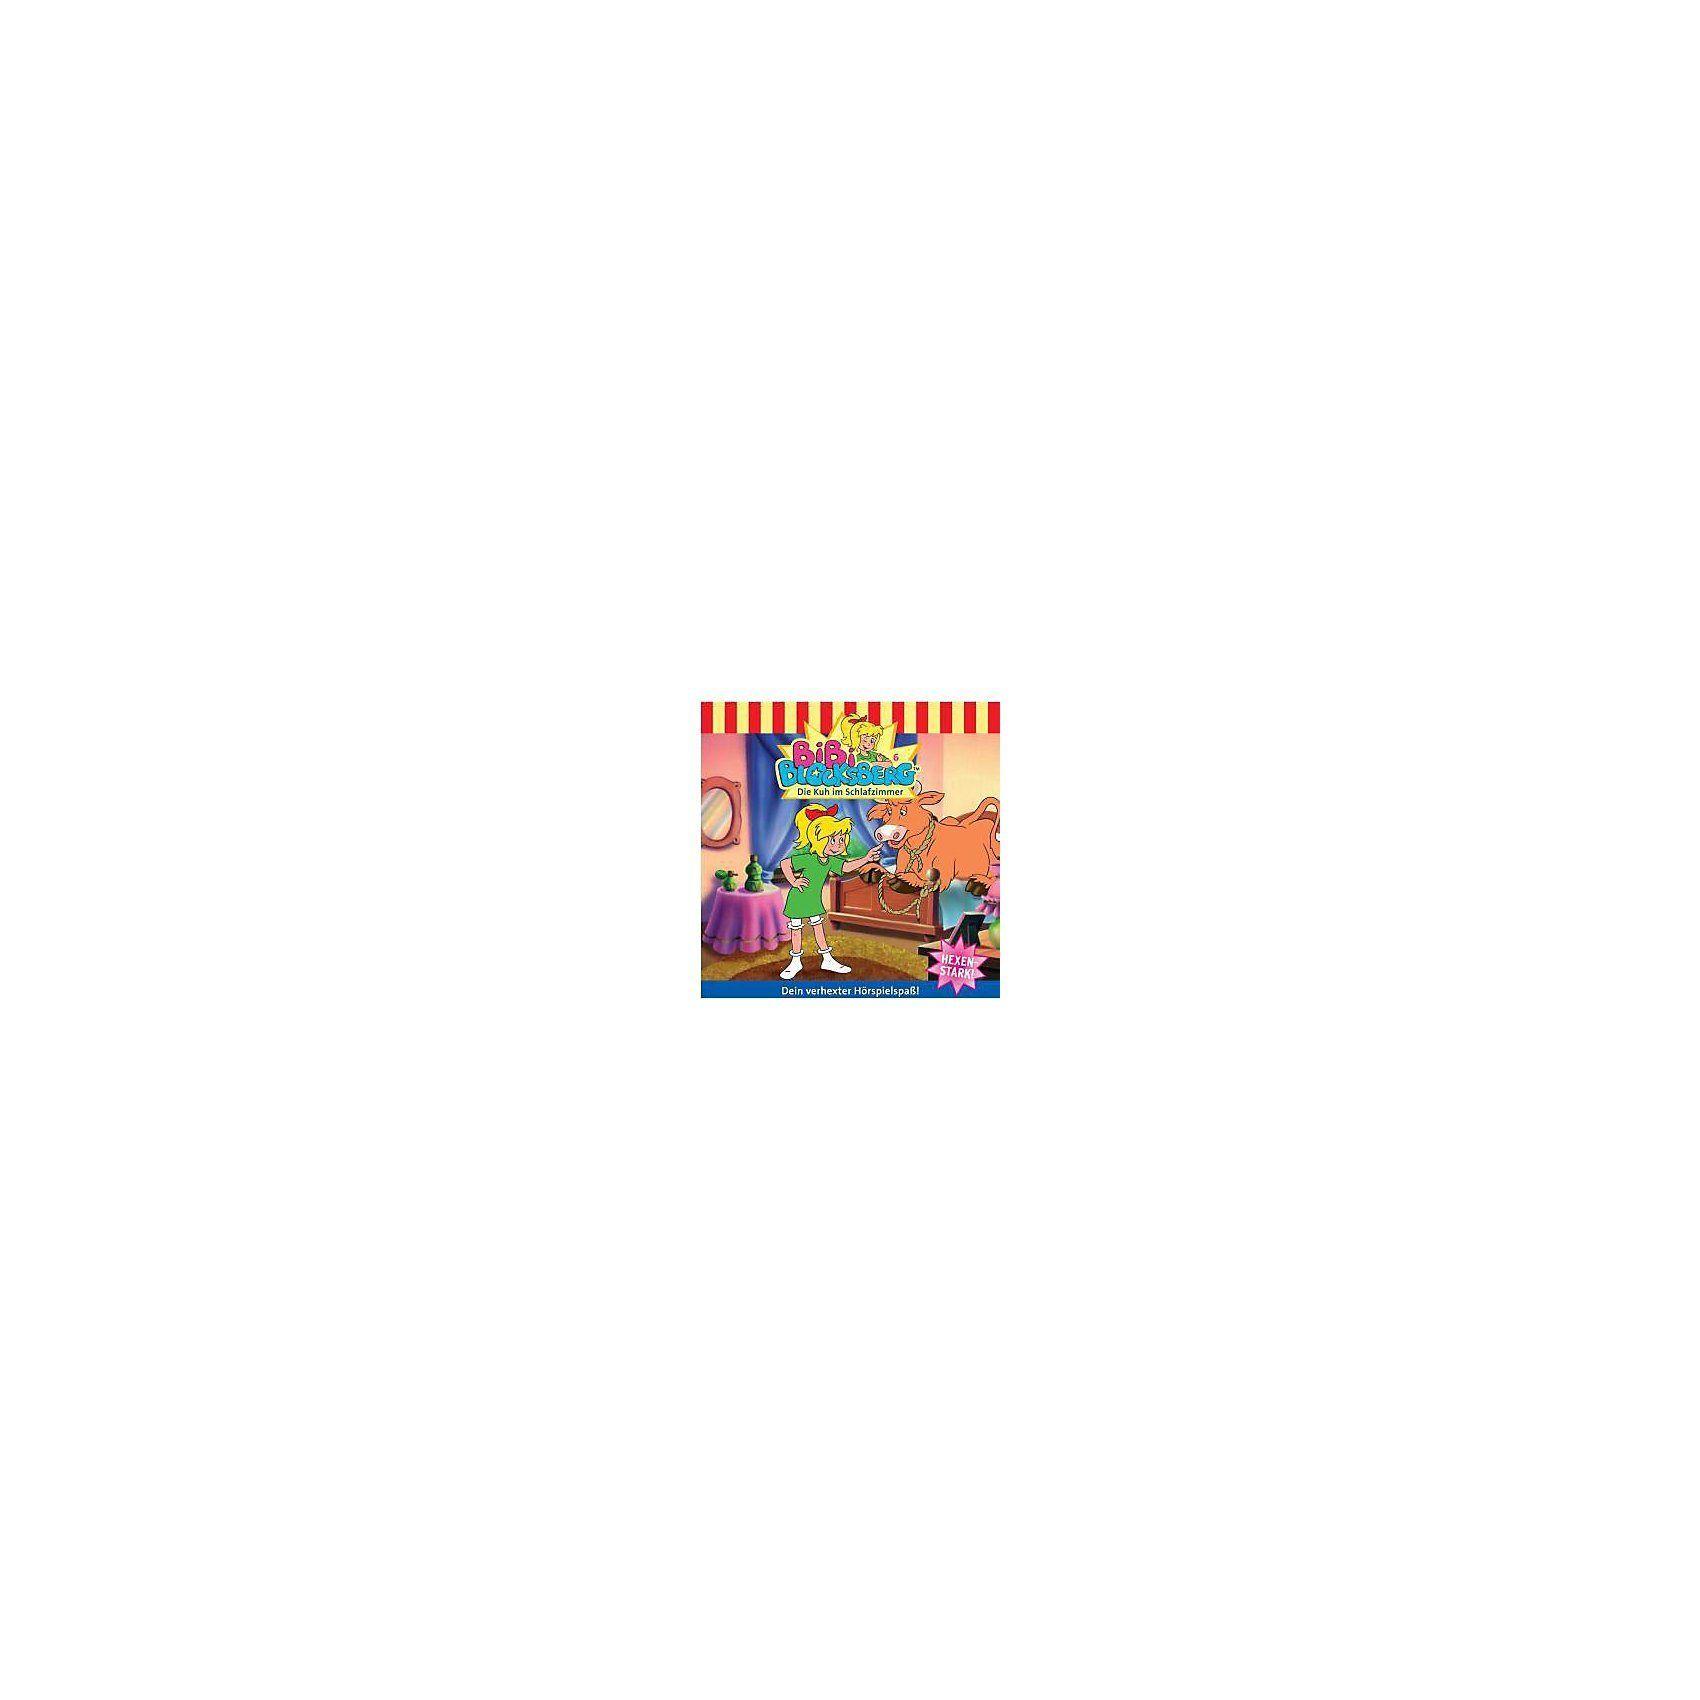 Kiddinx CD Bibi Blocksberg 06 - Die Kuh im Schlafzimmer